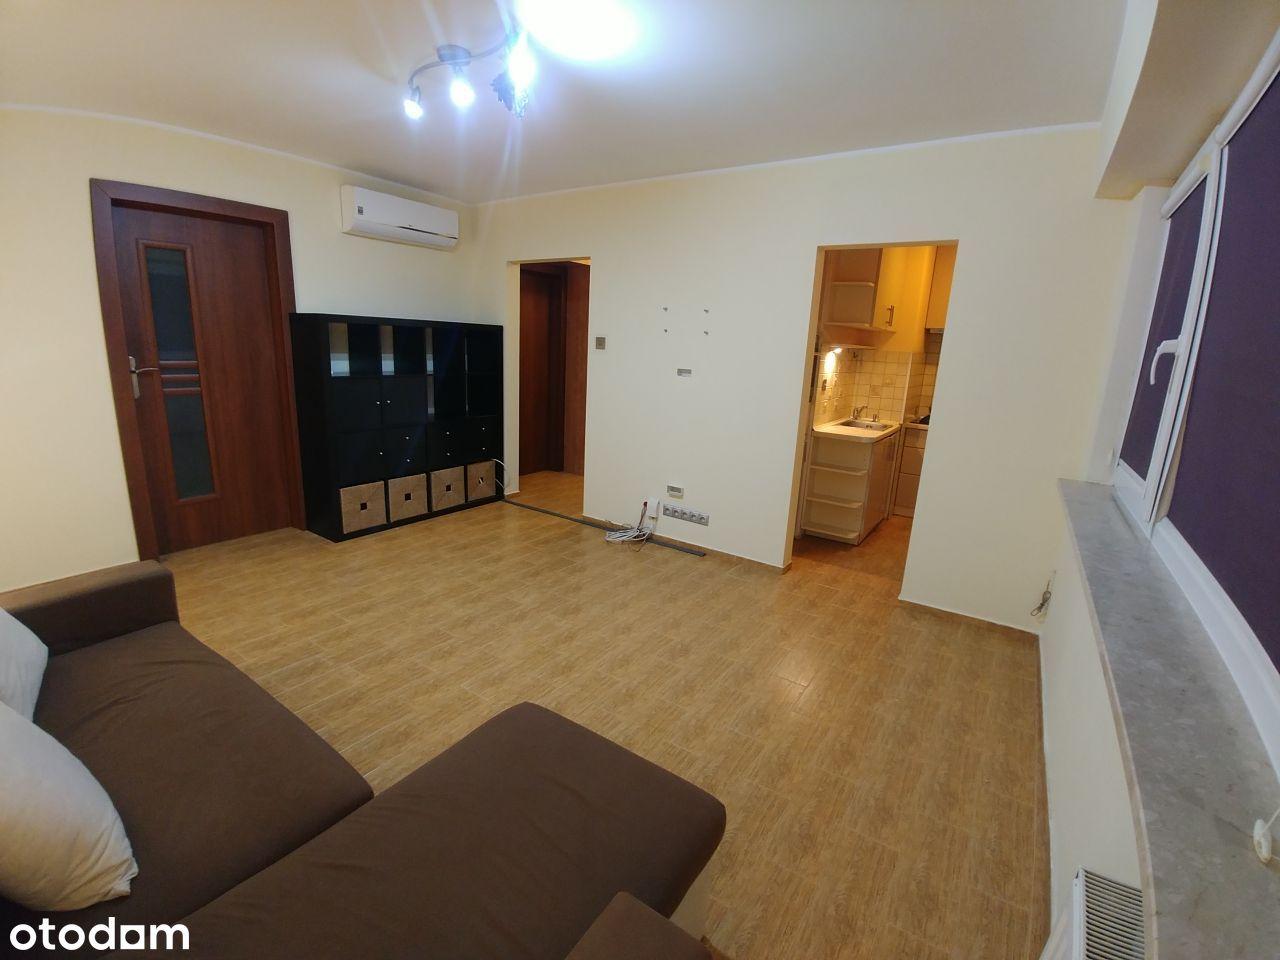 3-pokojowe mieszkanie, 16 minut do Centrum